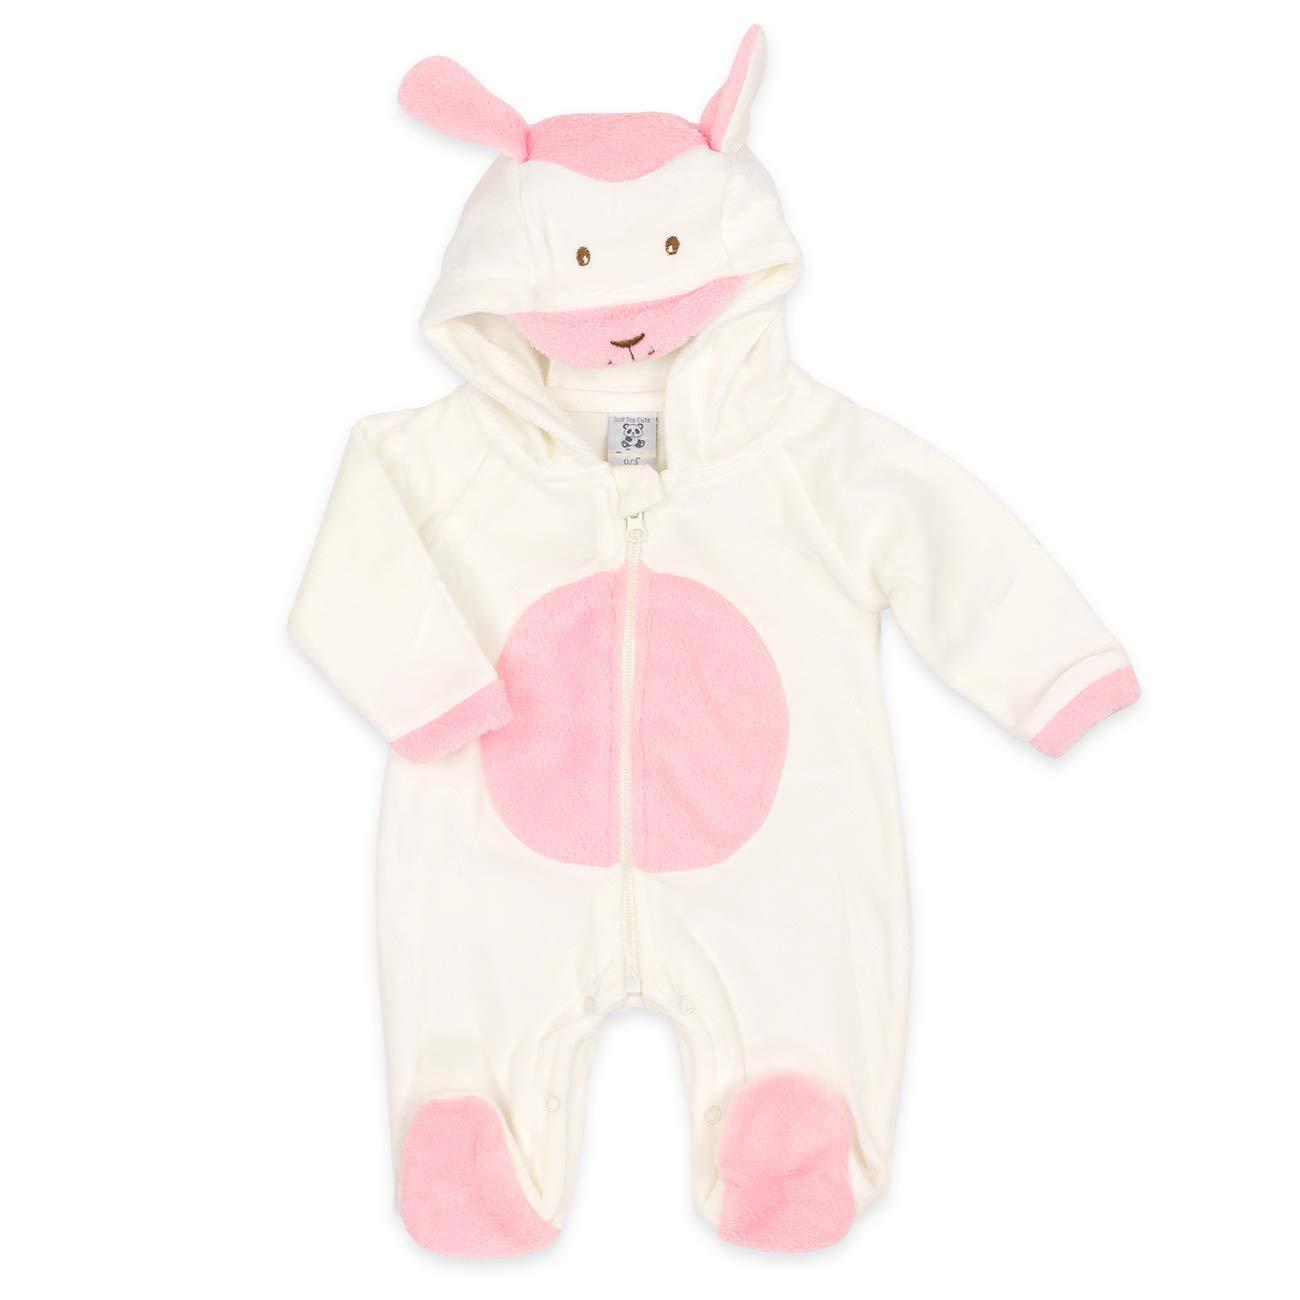 Baby Overall weiß-rosa   Motiv: Lamm   Marke: Just Too Cute   Baby Strampler mit Kapuze für Neugeborene & Kleinkinder   Größe: 0-3 Monate (56/62) Just Too Cuddly